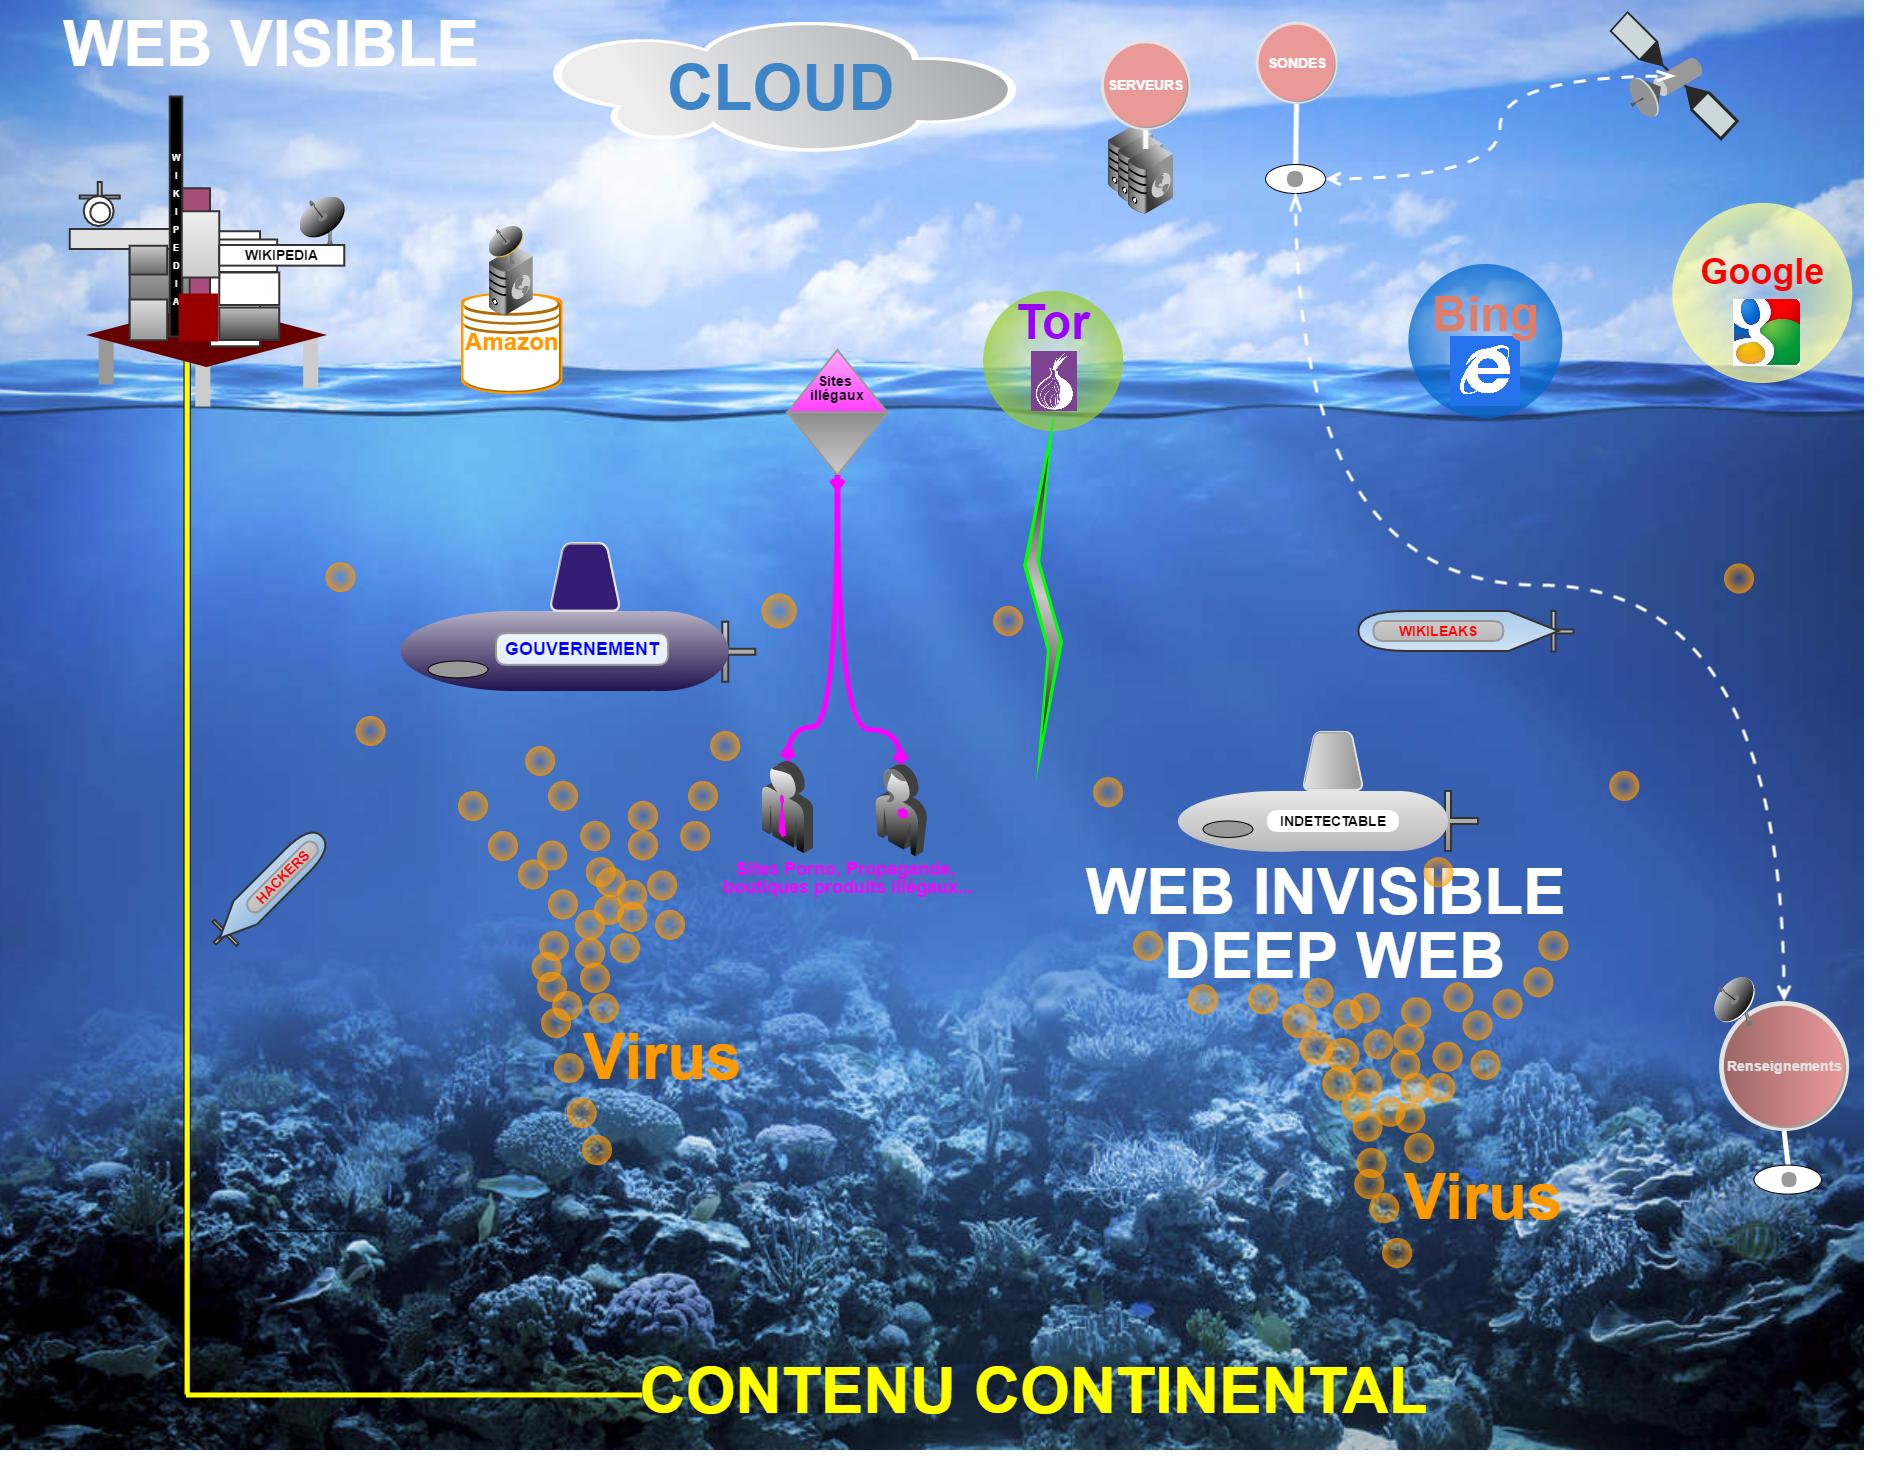 image tutoriel web surfacique et invisible droits d'auteur Hacker Diki